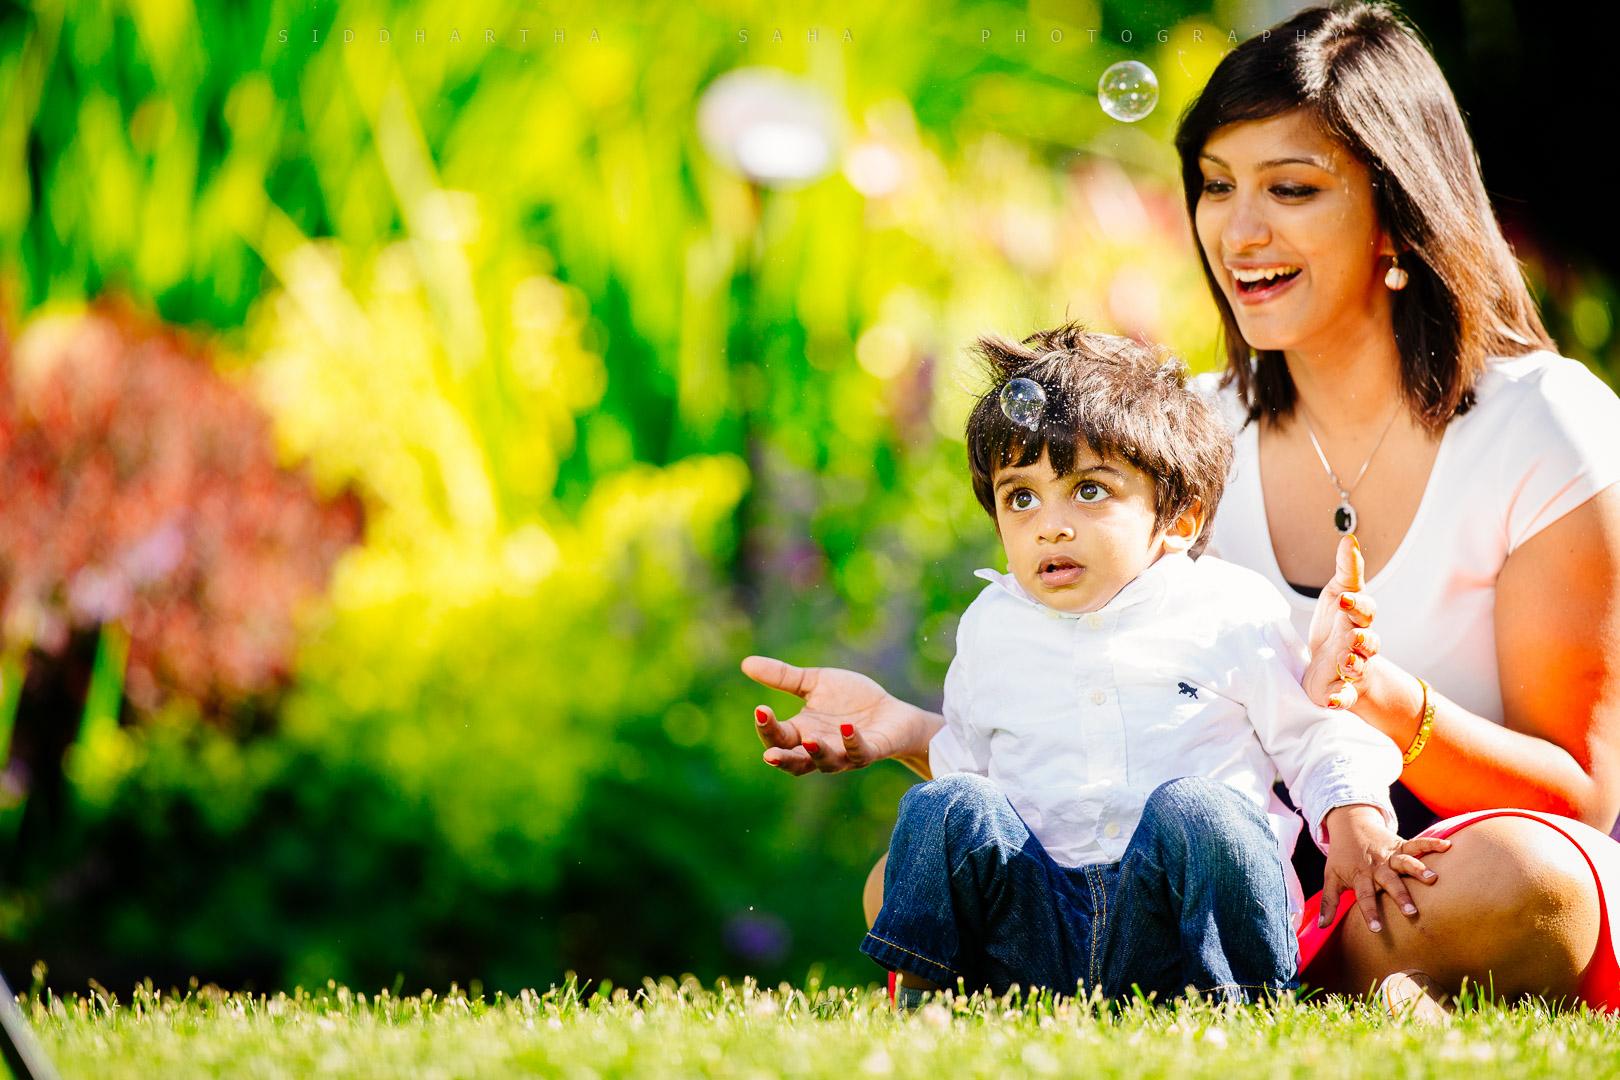 2015-06-14 - Ranjani Naveen Vihaan Photoshoot - _05Y6259